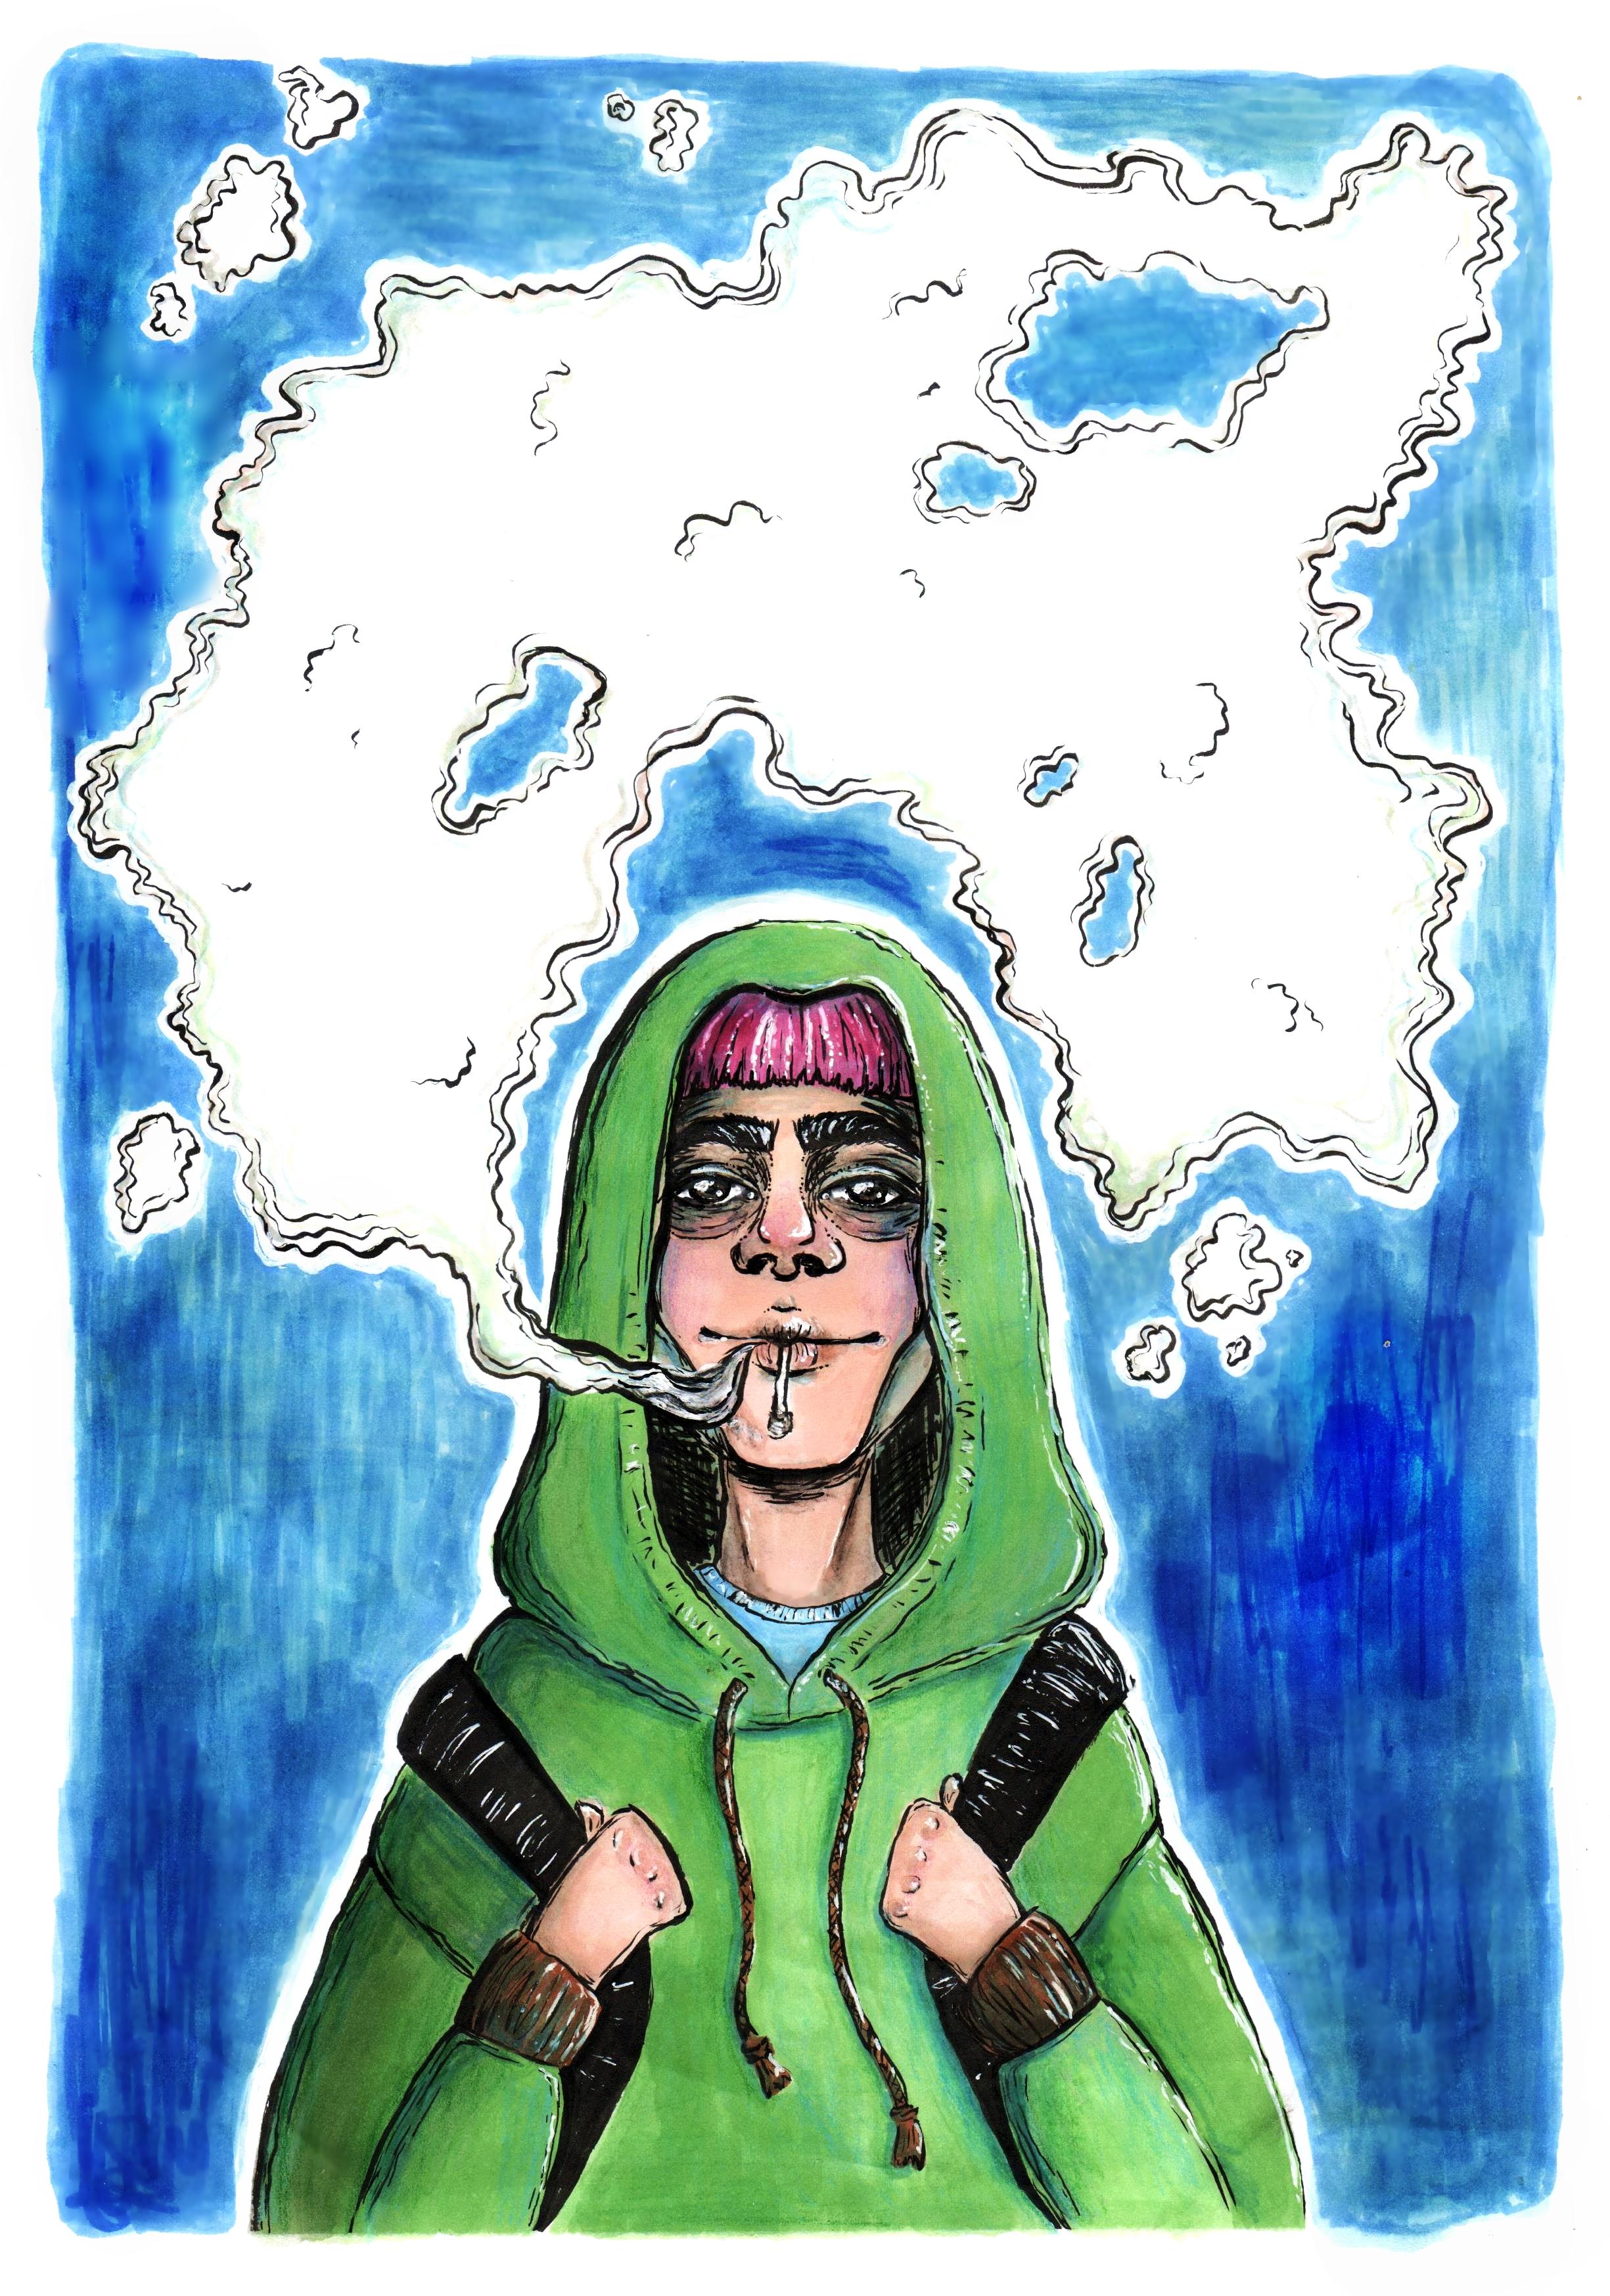 smoking dude